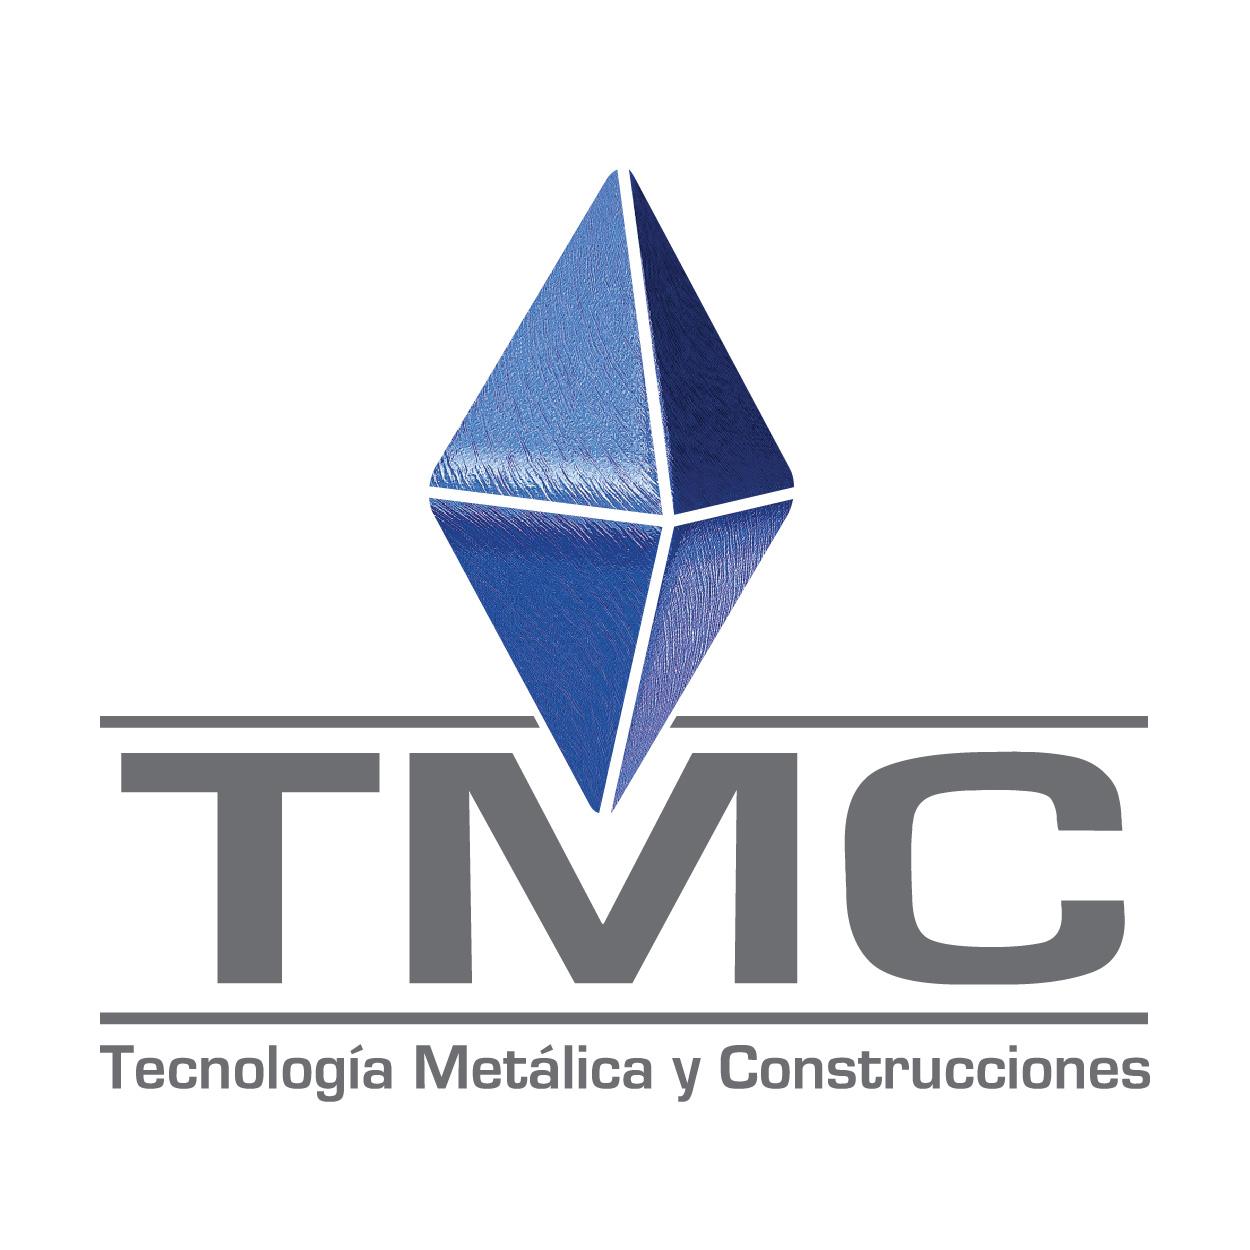 Tecnologia metálica y construcciones